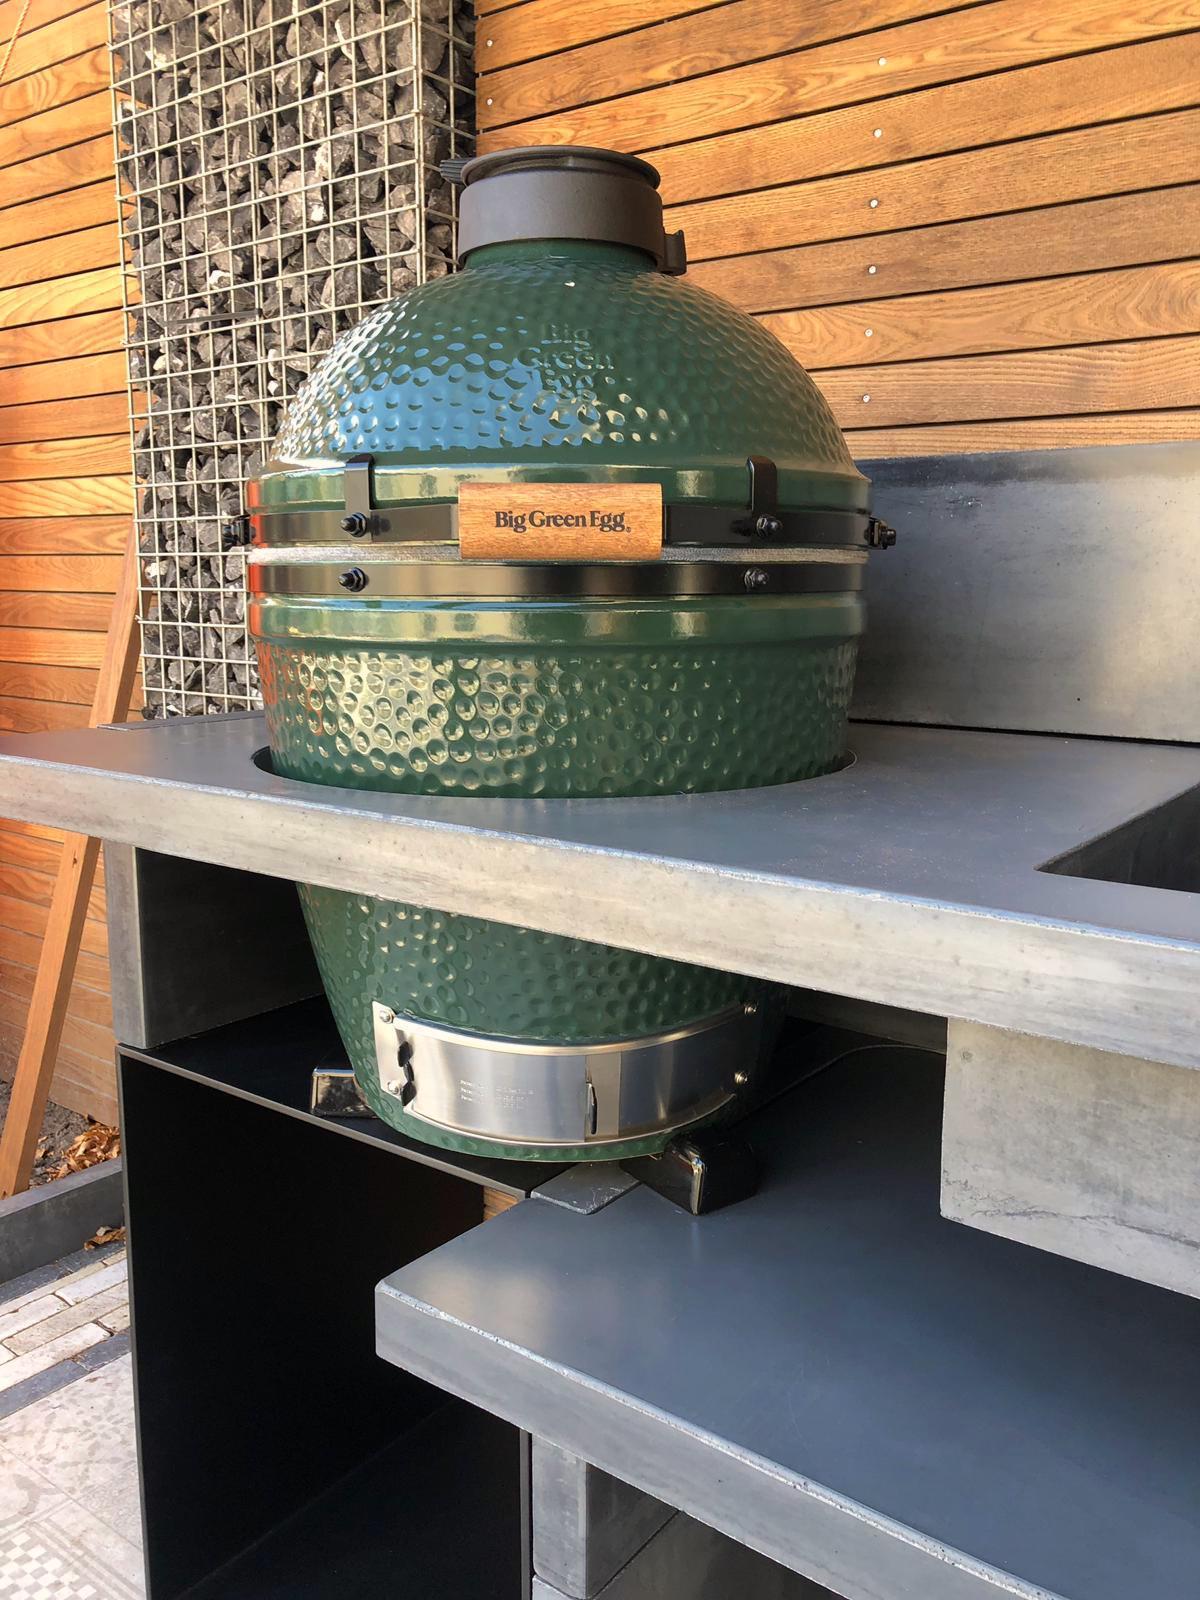 Buitenkeuken Green Egg.Betonnen Buitenkeuken Cabin 200a